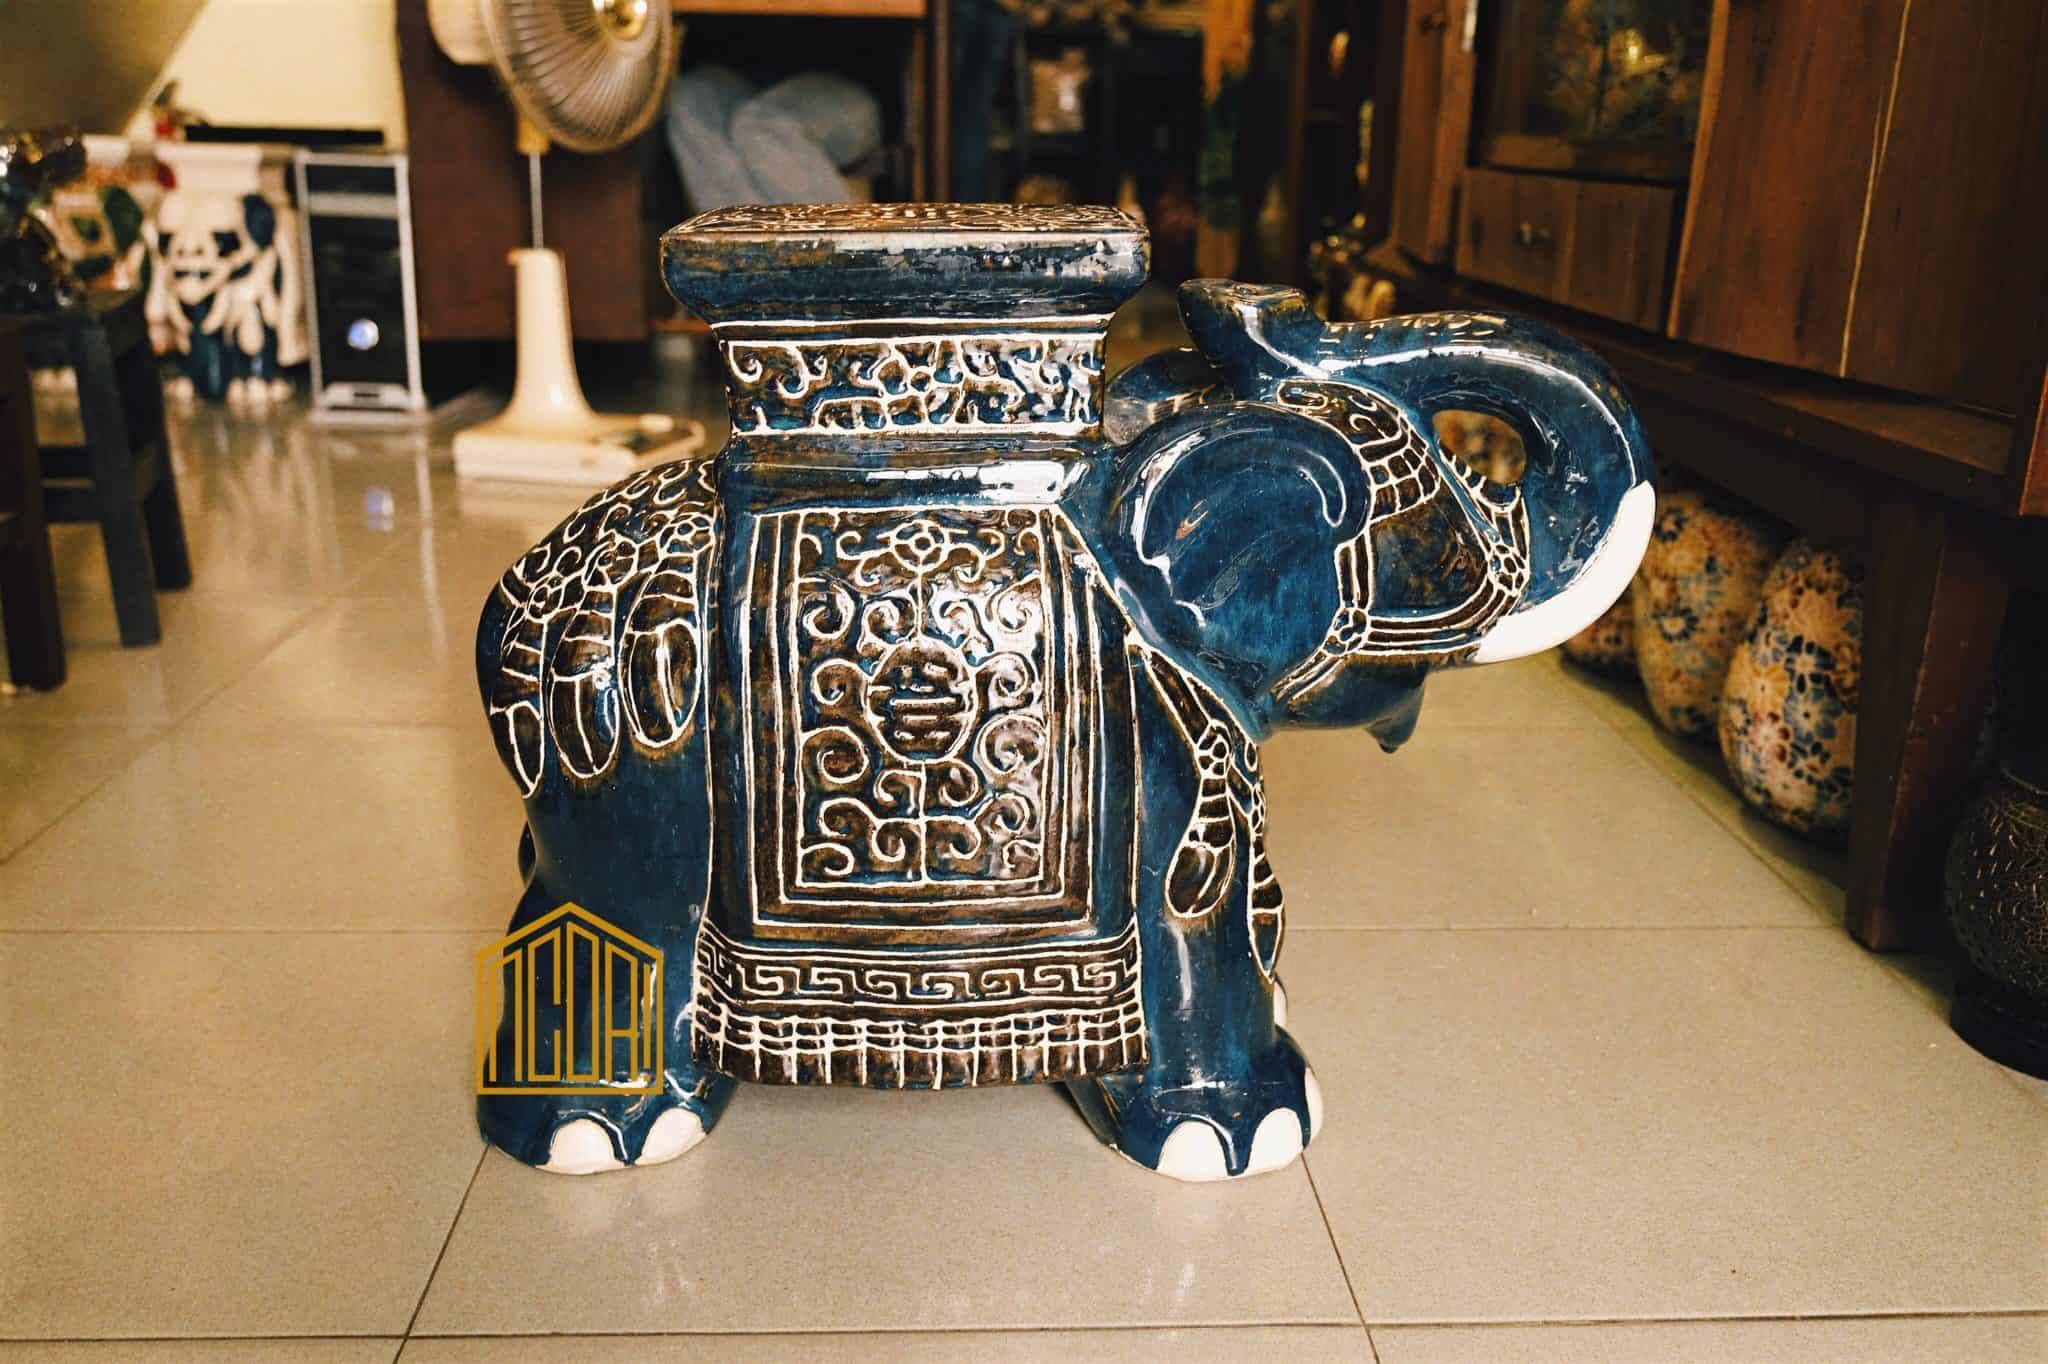 đôn voi lục thủy